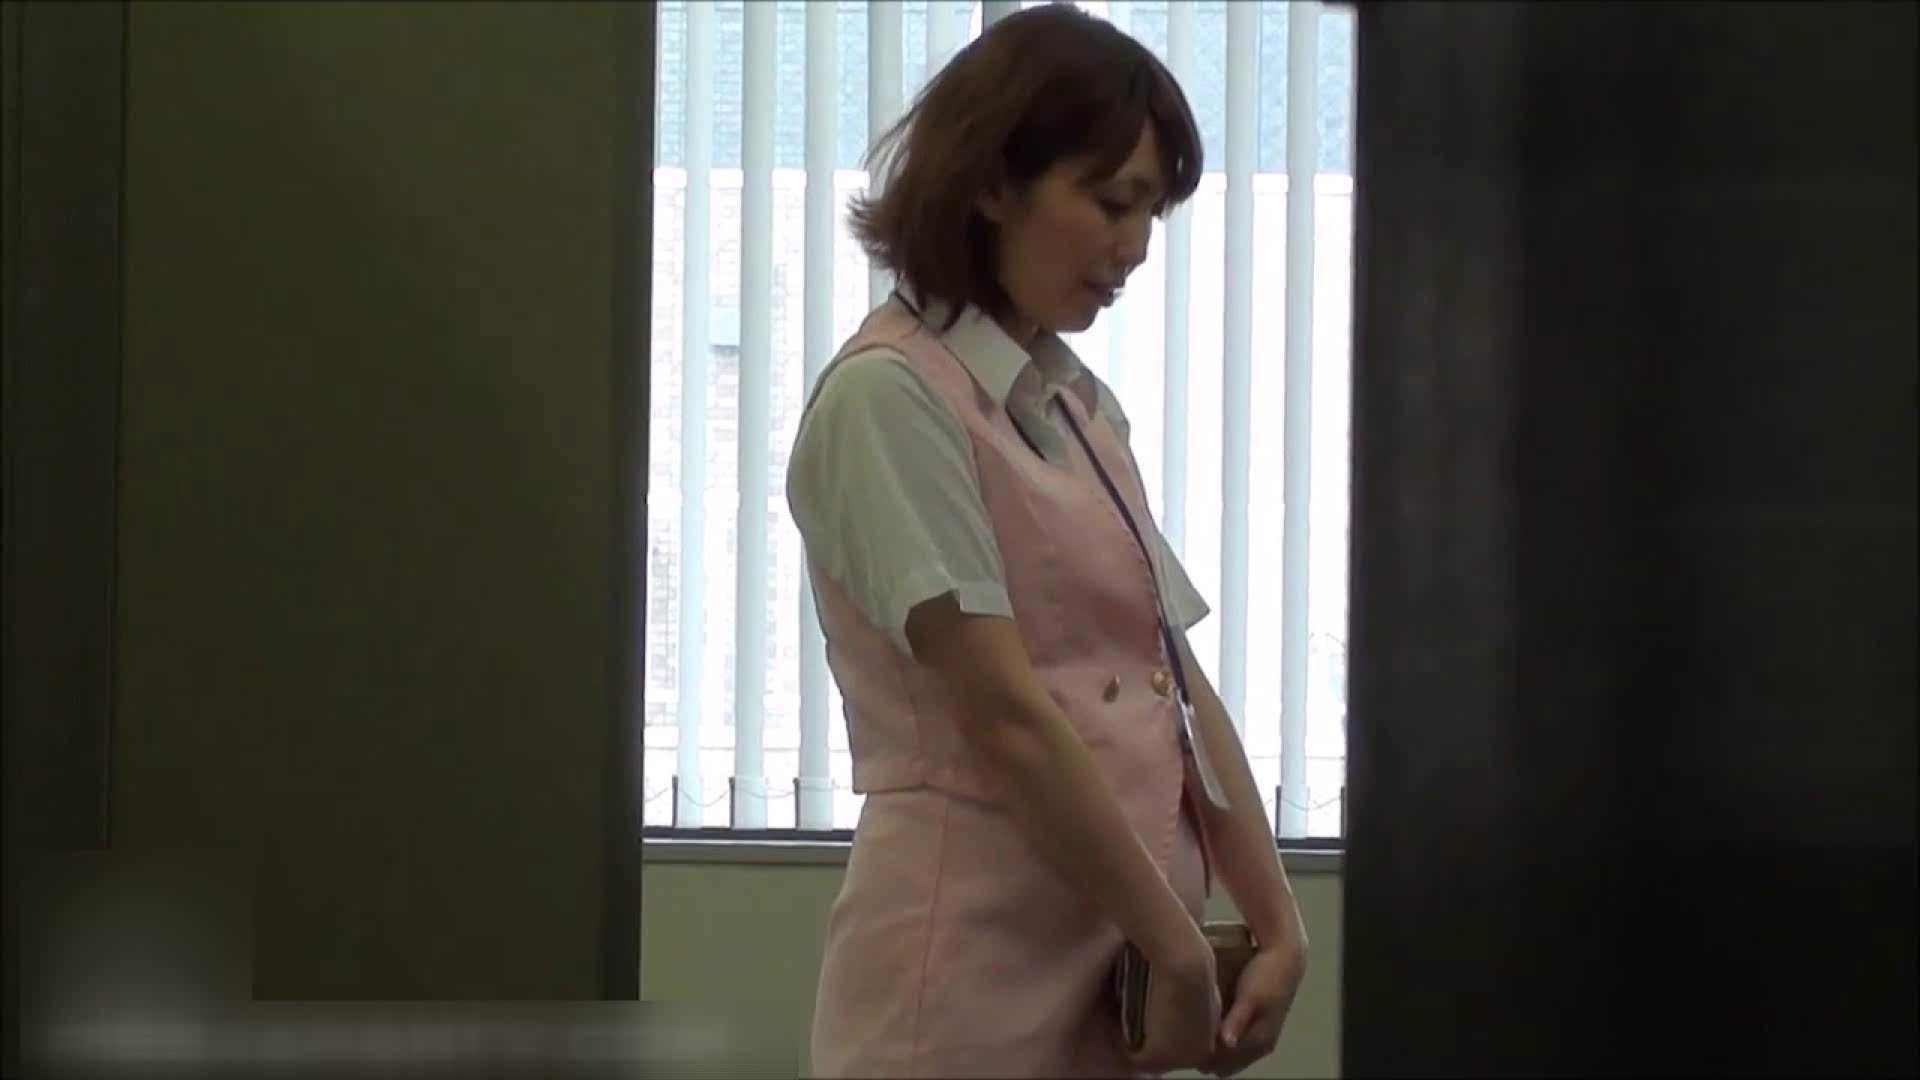 洗面所盗撮~隣の美人お姉さんVol.25 エロティックなOL オマンコ無修正動画無料 94画像 74